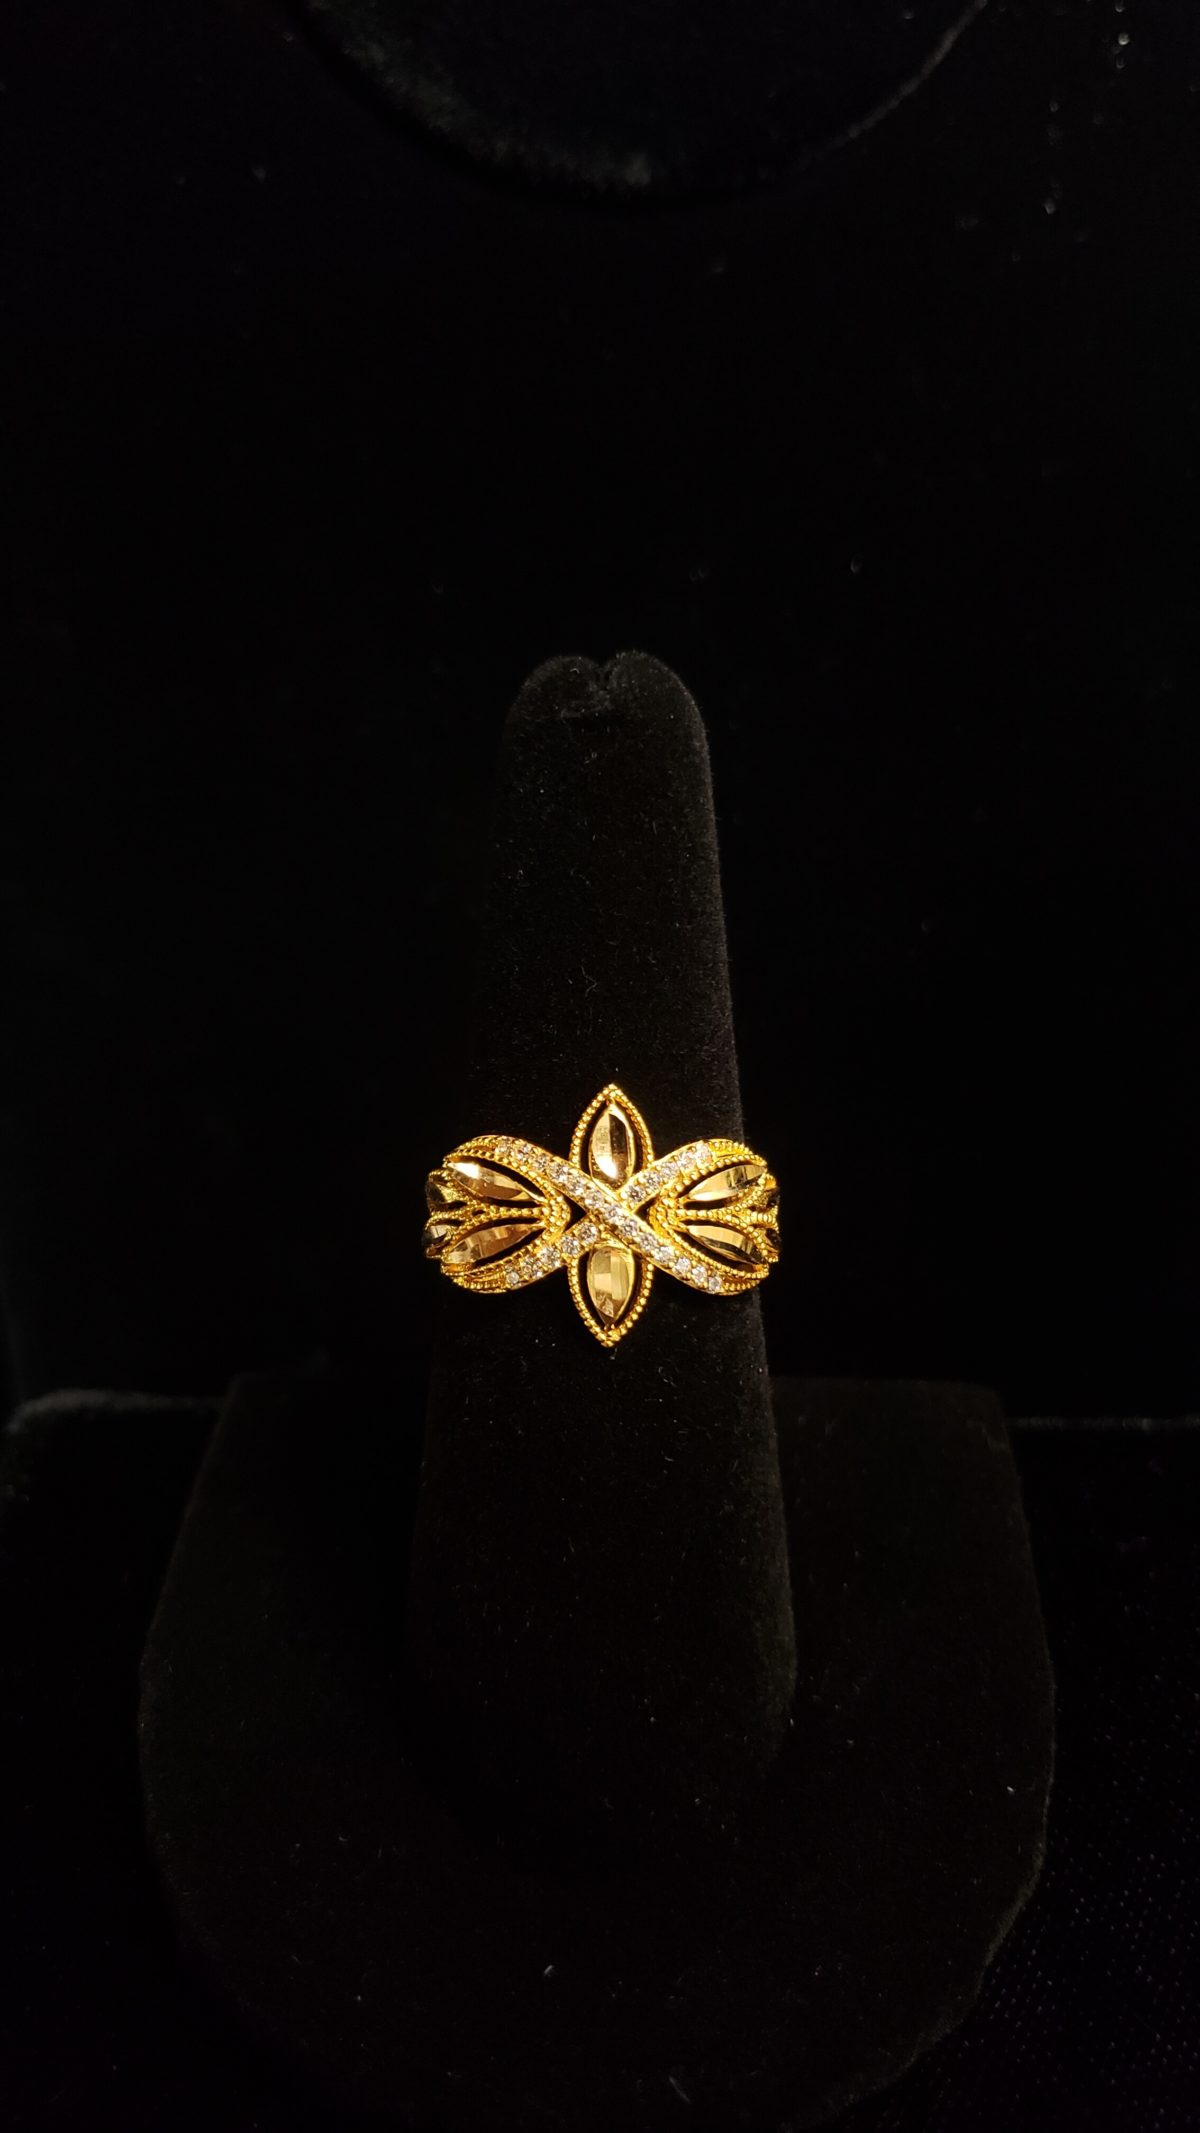 Leenas-Gold-ring